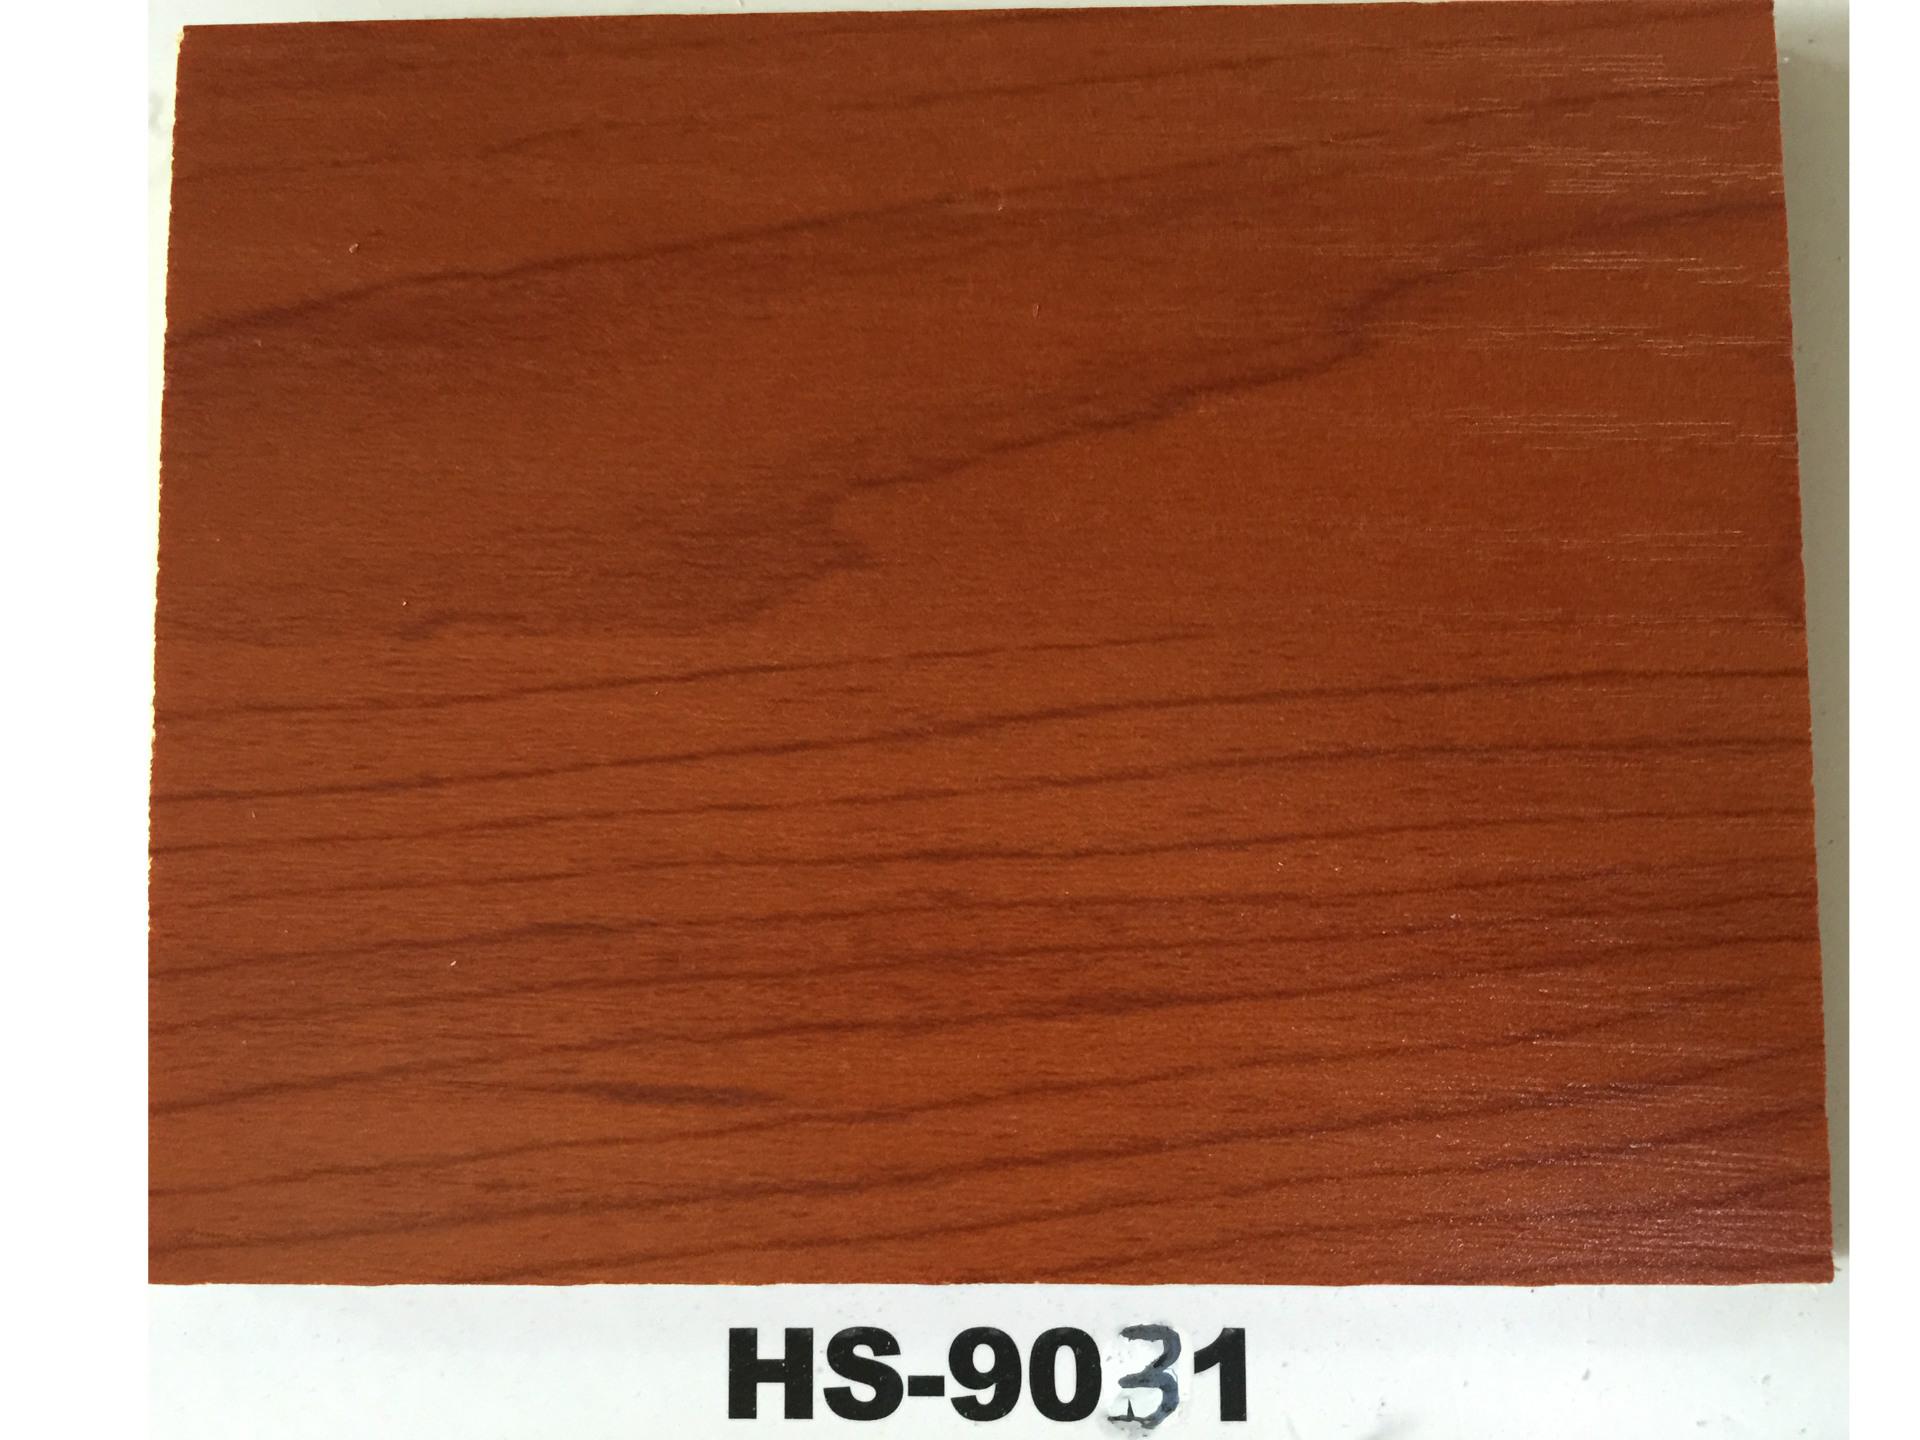 环保板材西洋柚木免漆生态板 红樱桃黑胡桃免漆生态板